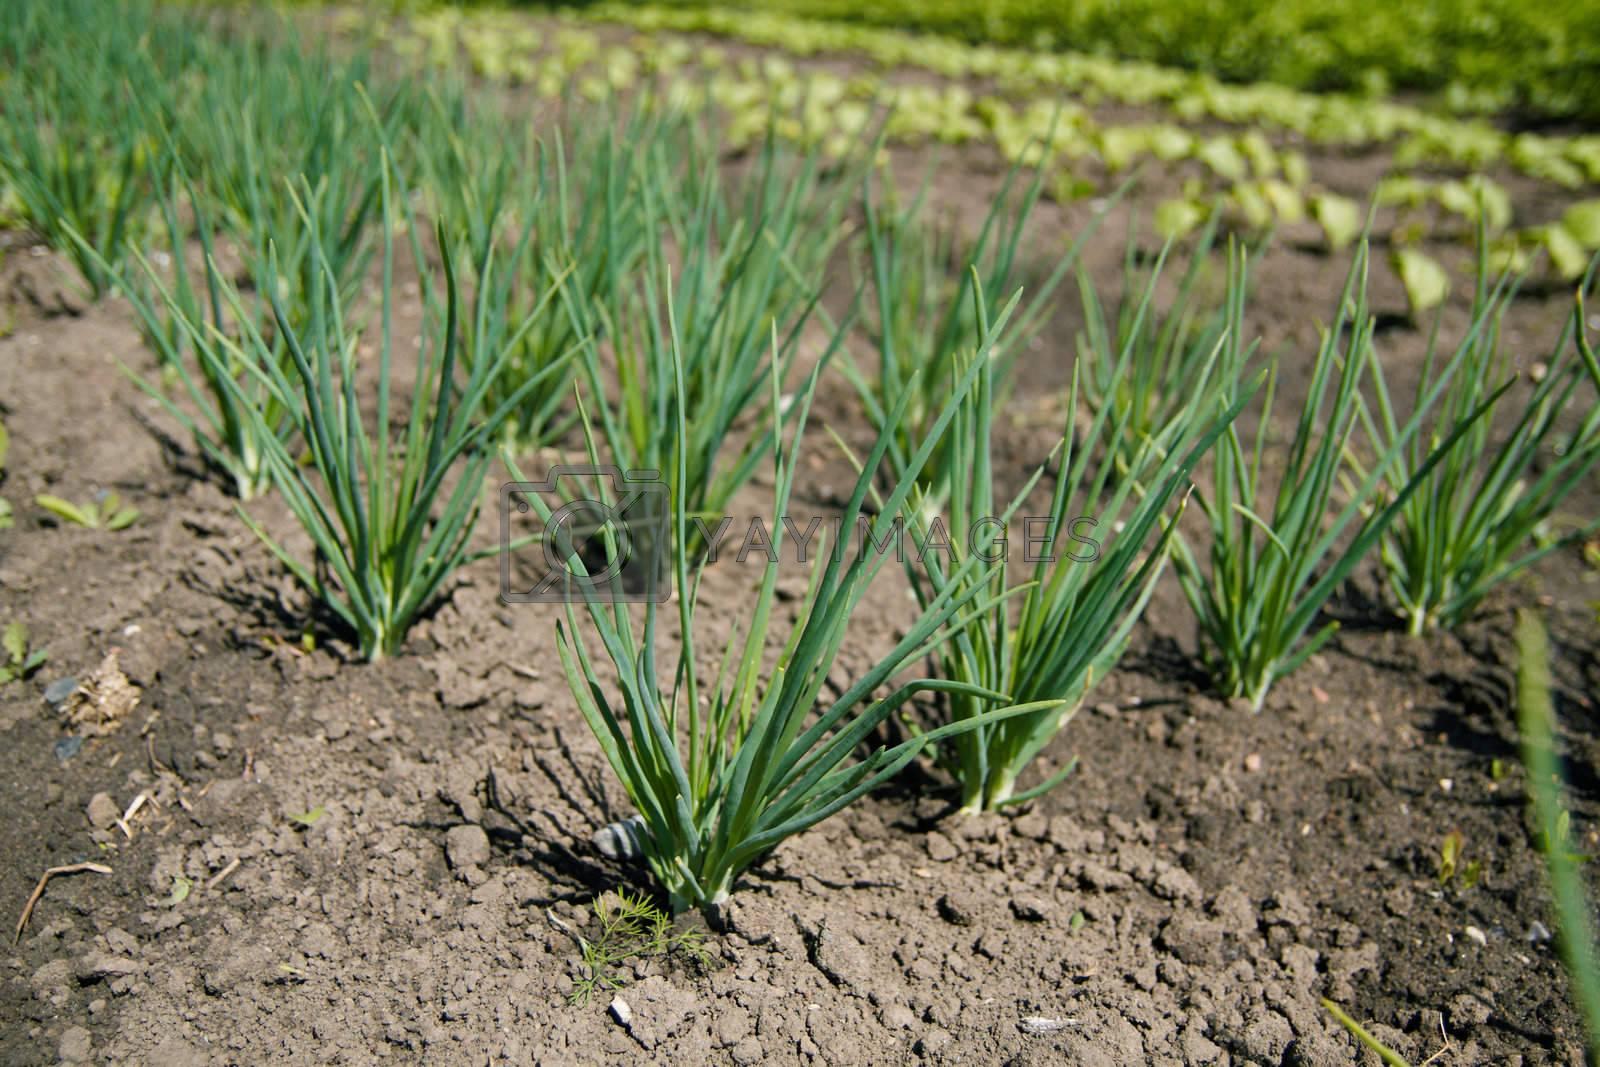 Fresh onions growing in the farmland